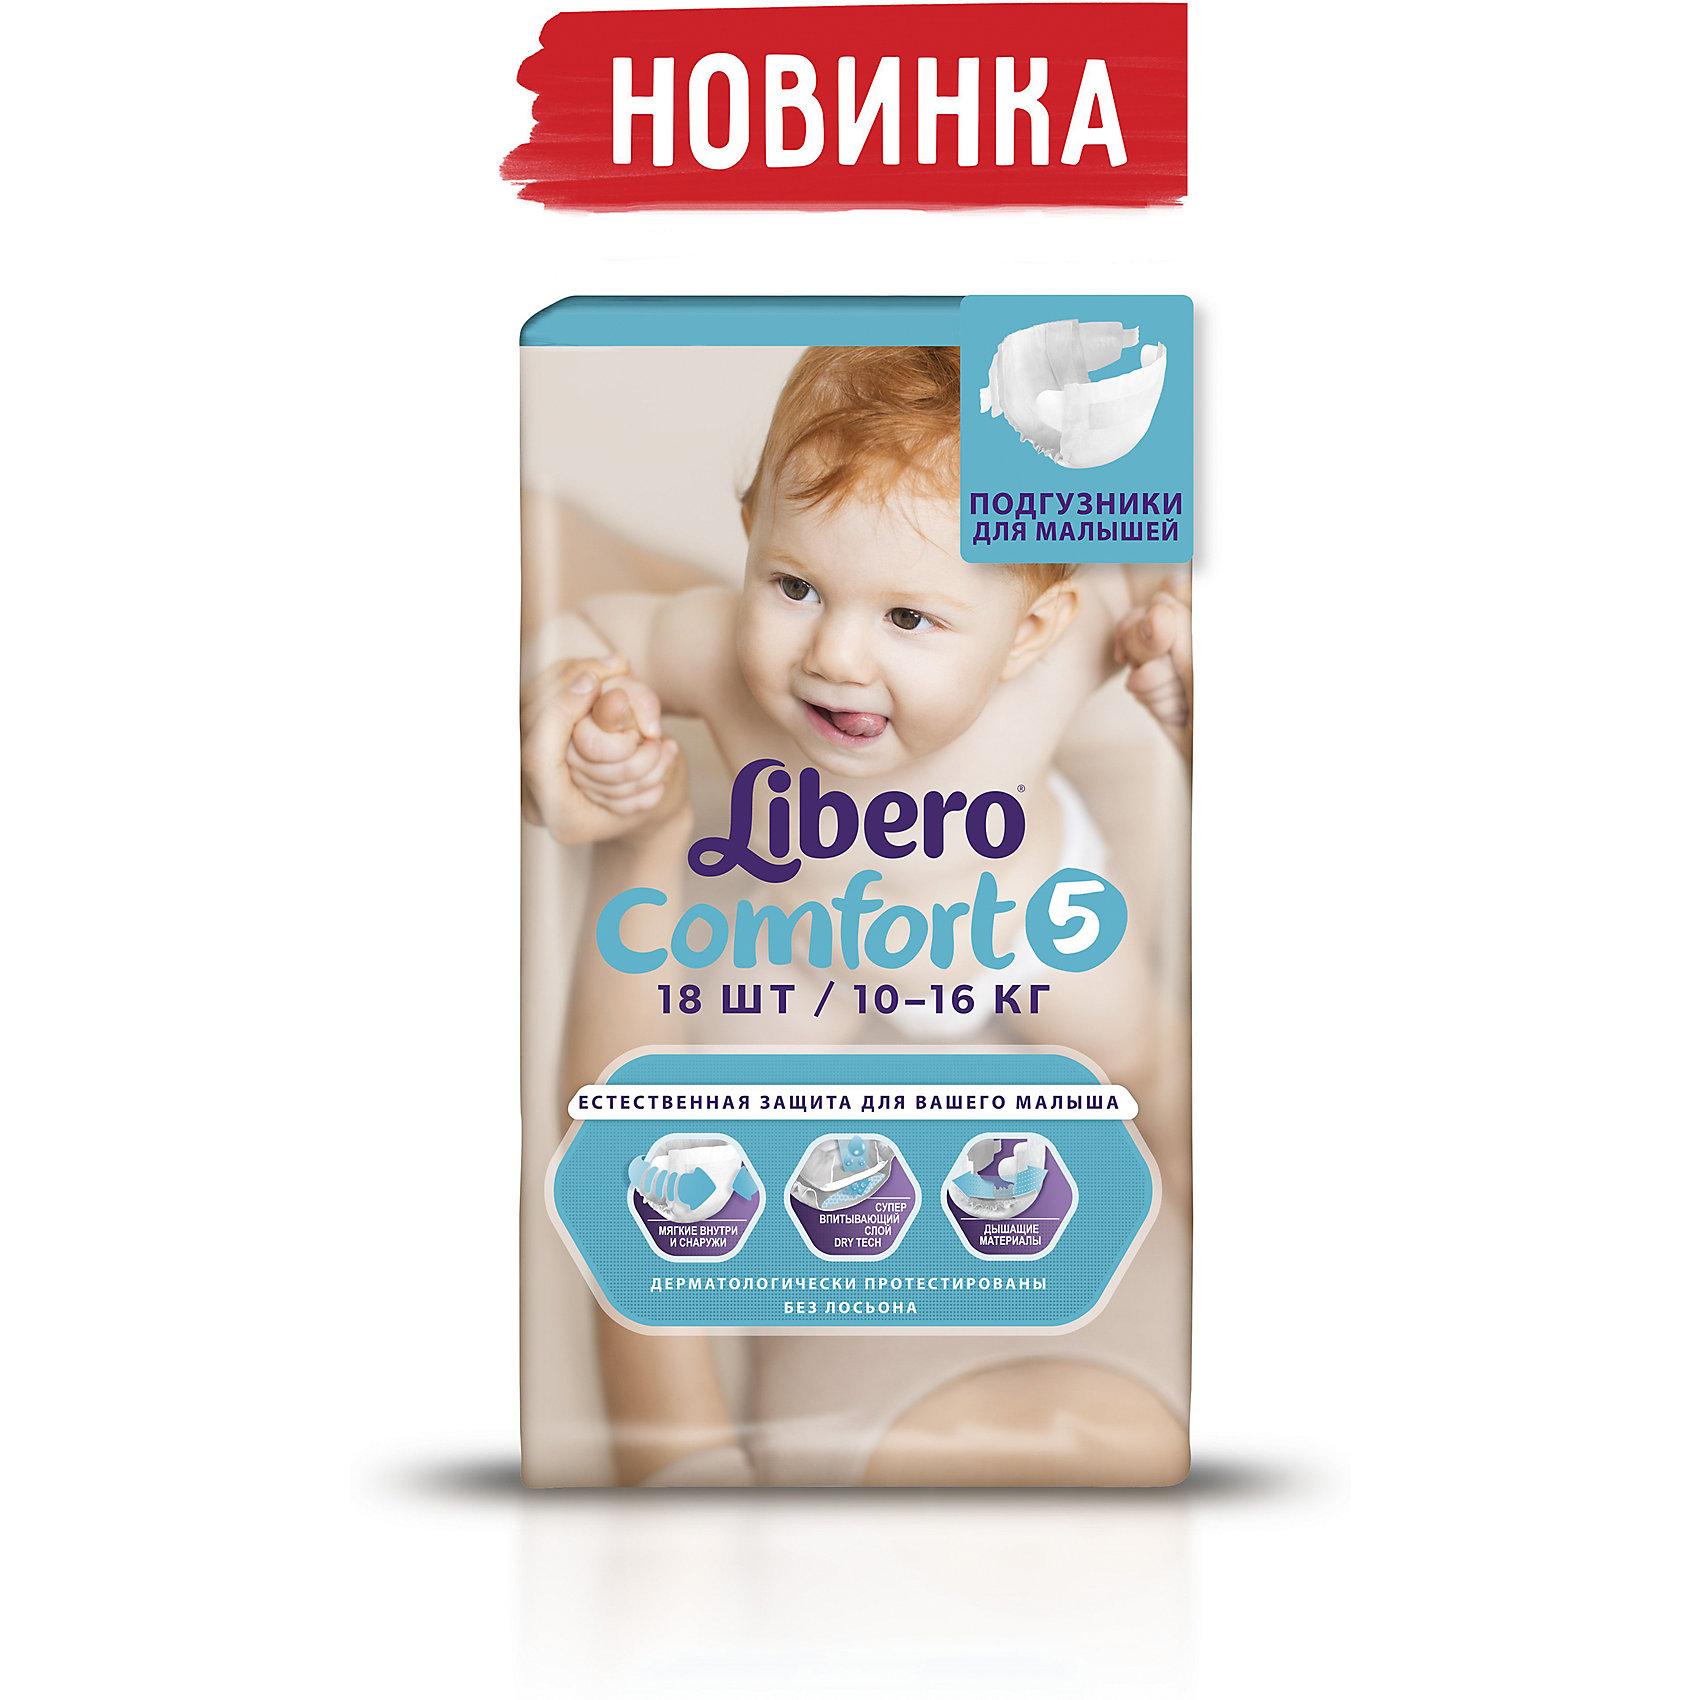 Подгузники Libero Comfort, Maxi Plus 10-16 кг (5), 18 шт.Подгузники классические<br>Трусики-подгузники Libero Dry Pants (Либеро Драй Пентс) Size 5 (10-14кг), 18 шт.<br><br>Характеристики: <br><br>• легко надевать<br>• мягкие и тонкие трусики<br>• отлично впитывают и удерживают влагу<br>• содержат экстракт ромашки<br>• тянущийся поясок из дышащих материалов<br>• барьеры вокруг ножек защищают от протекания<br>• не сковывают движений<br>• легко снимать и сворачивать<br>• размер: 5 (10-14 кг)<br>• количество в упаковке: 18 шт.<br><br>Если ваш малыш не любит спокойно ждать пока вы его переоденете, то трусики-подгузники Libero Dry Pants станут для вас прекрасным решением. Они легко надеваются, как обычное белье и также легко снимаются при разрывании боковых швов. Трусики очень мягкие и тонкие, при этом они отлично впитывают и удерживают влагу, не стесняя движений крохи. Экстракт ромашки и алоэ успокоит нежную кожу малыша. Высокие барьеры и эластичный поясок препятствуют протеканию.  После использования вы легко сможете свернуть трусики и заклеить из специальной клейкой лентой. Яркая упаковка и привлекательный дизайн превратят процесс переодевания в веселую игру!<br><br>Трусики-подгузники Libero Dry Pants Size 5 (10-14кг), 18 шт. вы можете купить в нашем интернет-магазине.<br><br>Ширина мм: 127<br>Глубина мм: 147<br>Высота мм: 218<br>Вес г: 648<br>Возраст от месяцев: 6<br>Возраст до месяцев: 36<br>Пол: Унисекс<br>Возраст: Детский<br>SKU: 3517612